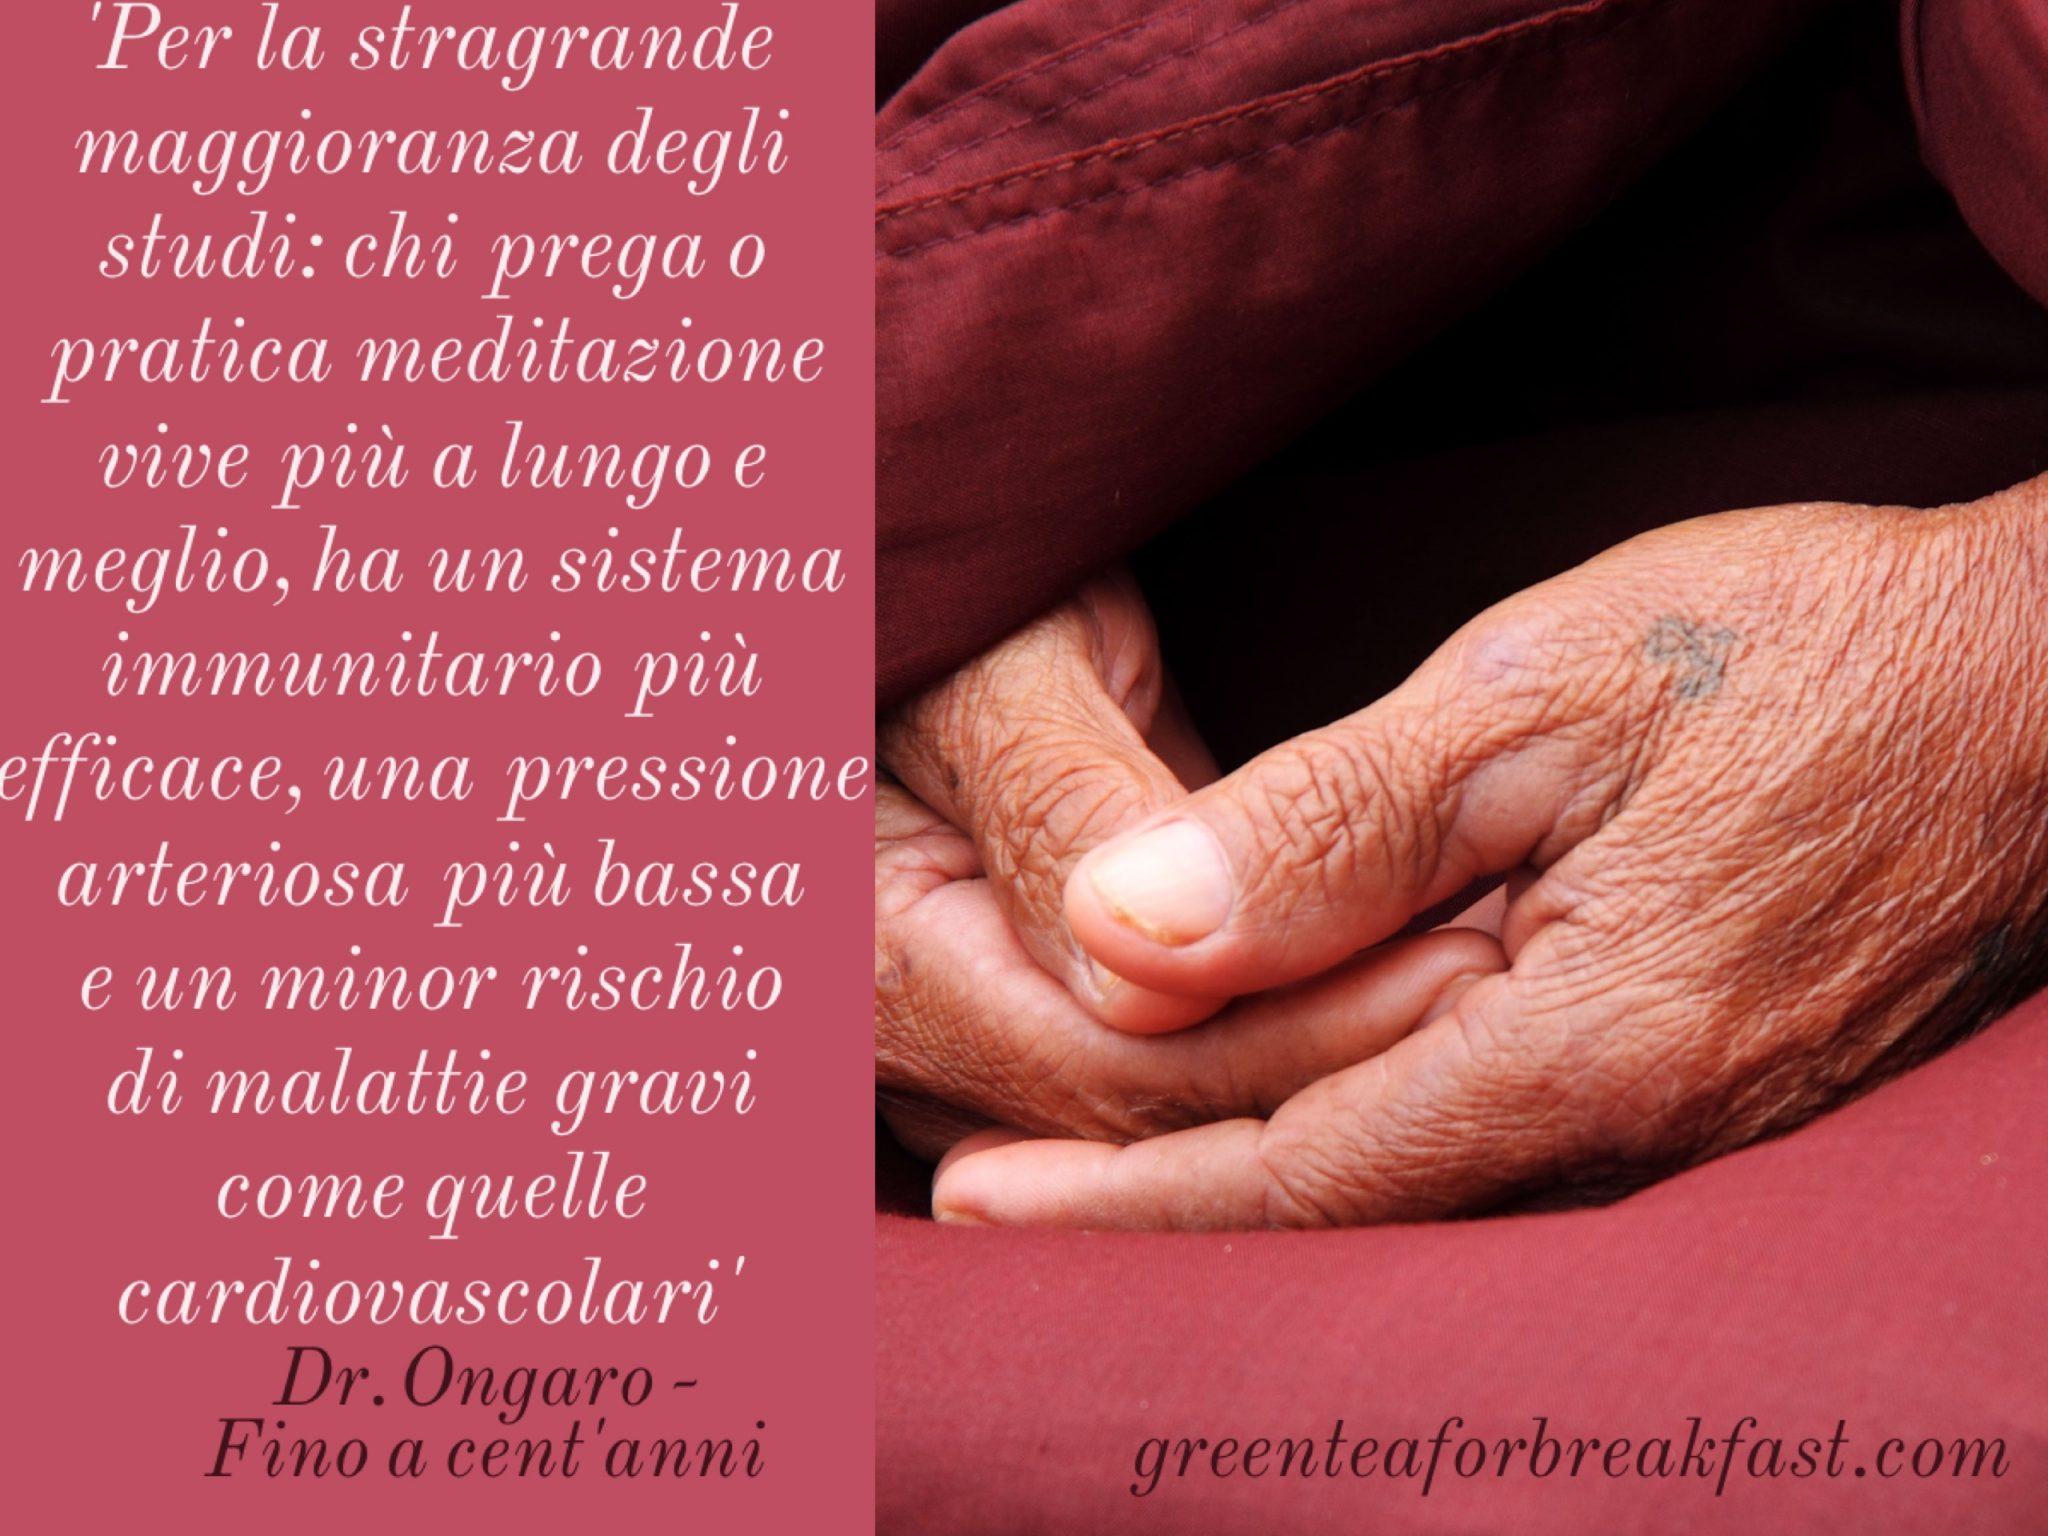 citazione tratta dal libro Fino a cent'anni di Filippo Ongaro - pubblicata da tatianaberlaffa.com